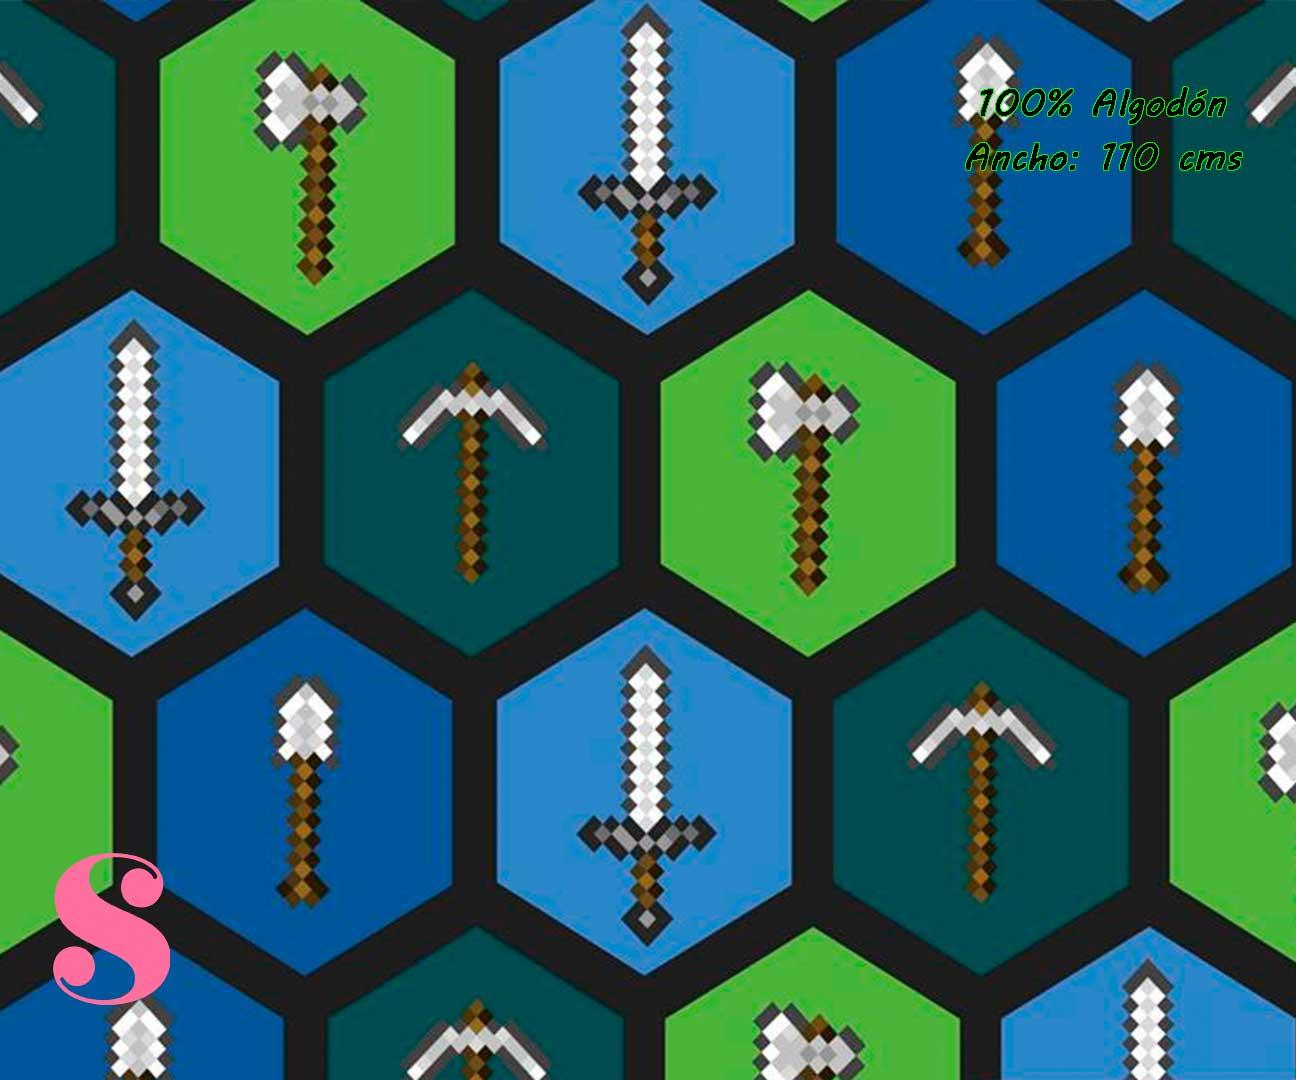 7-estampados-originales,telas-con-estampados-originales,telas-frikis,estampados-frikis,telas-super-mario,Tejido Estampado Patch Americano Minecraft Armas